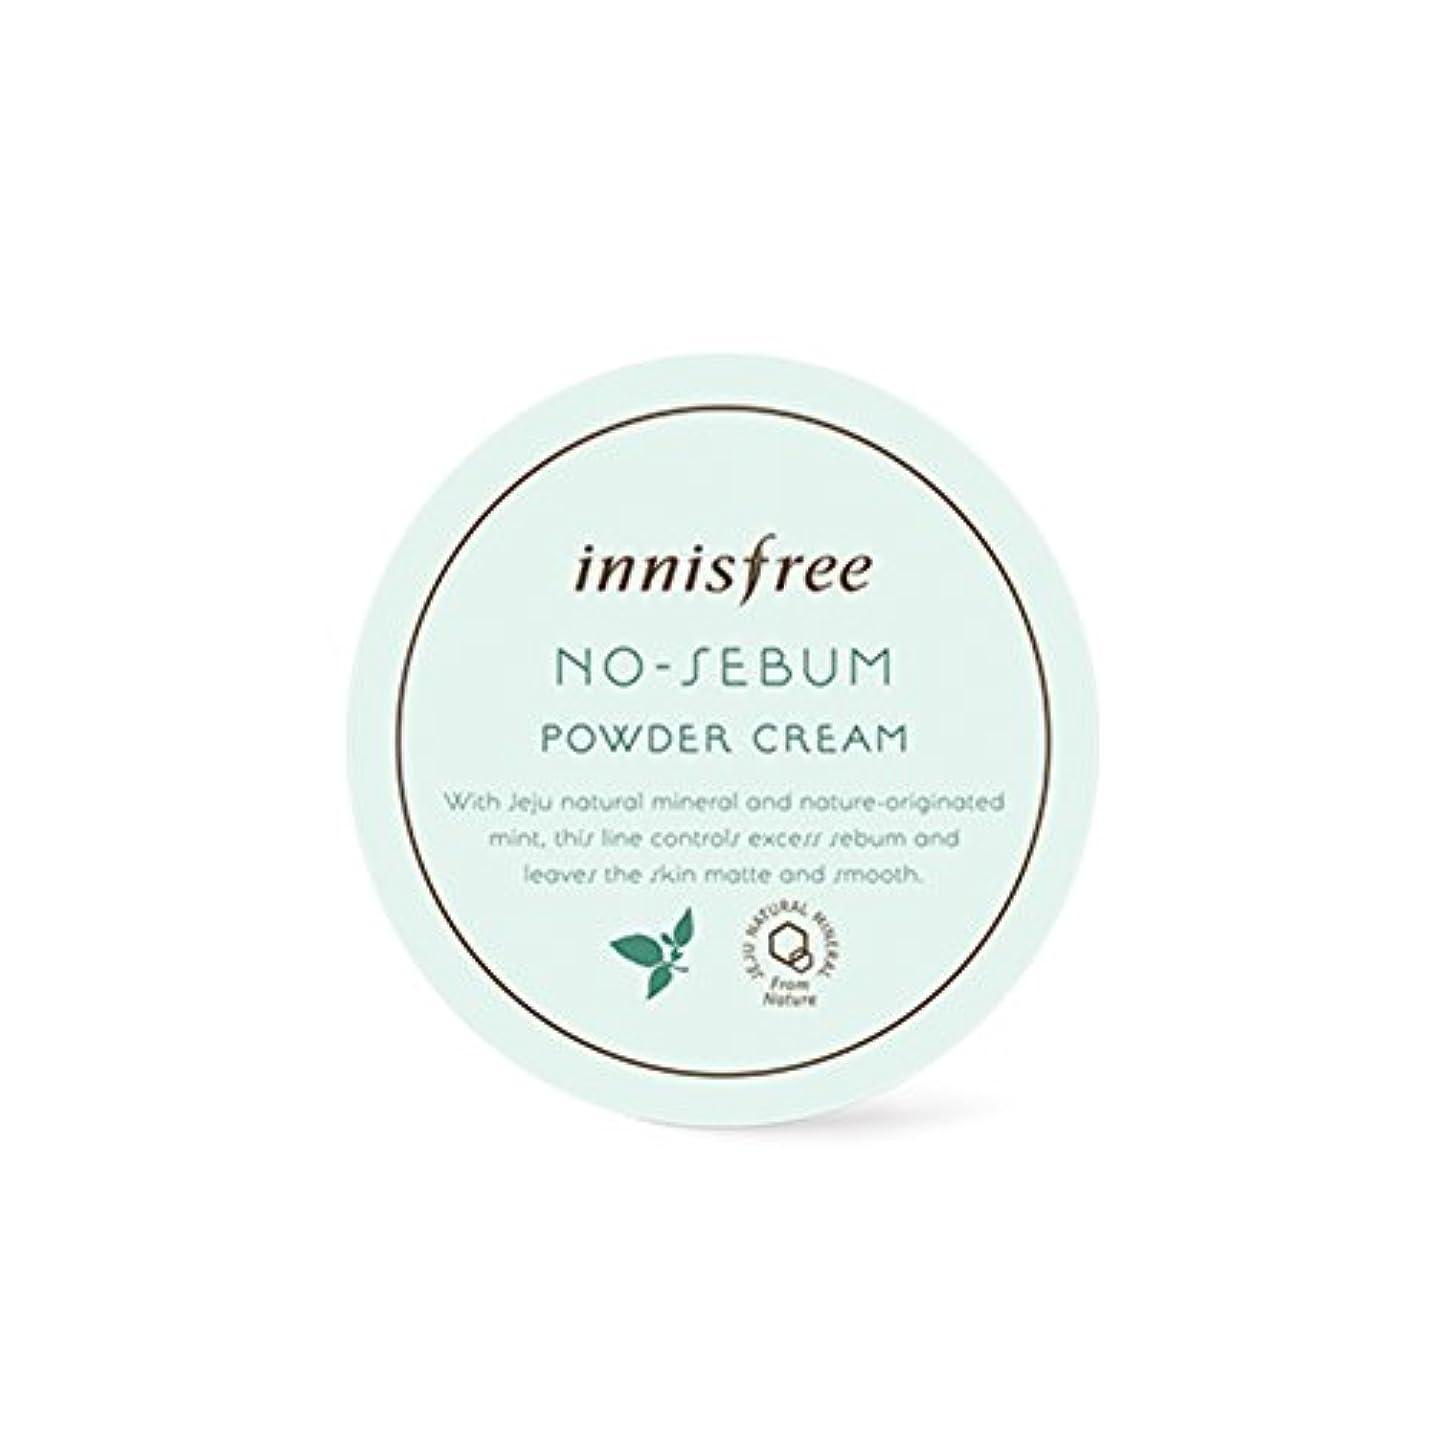 収入征服するスクランブルイニスフリー[ Innisfree ]ノー皮脂パウダークリーム25g、油性スキンケア、オイルコントロール用[No-Sebum Powder Cream 25g, for Oily Skin Care, Oil Control...